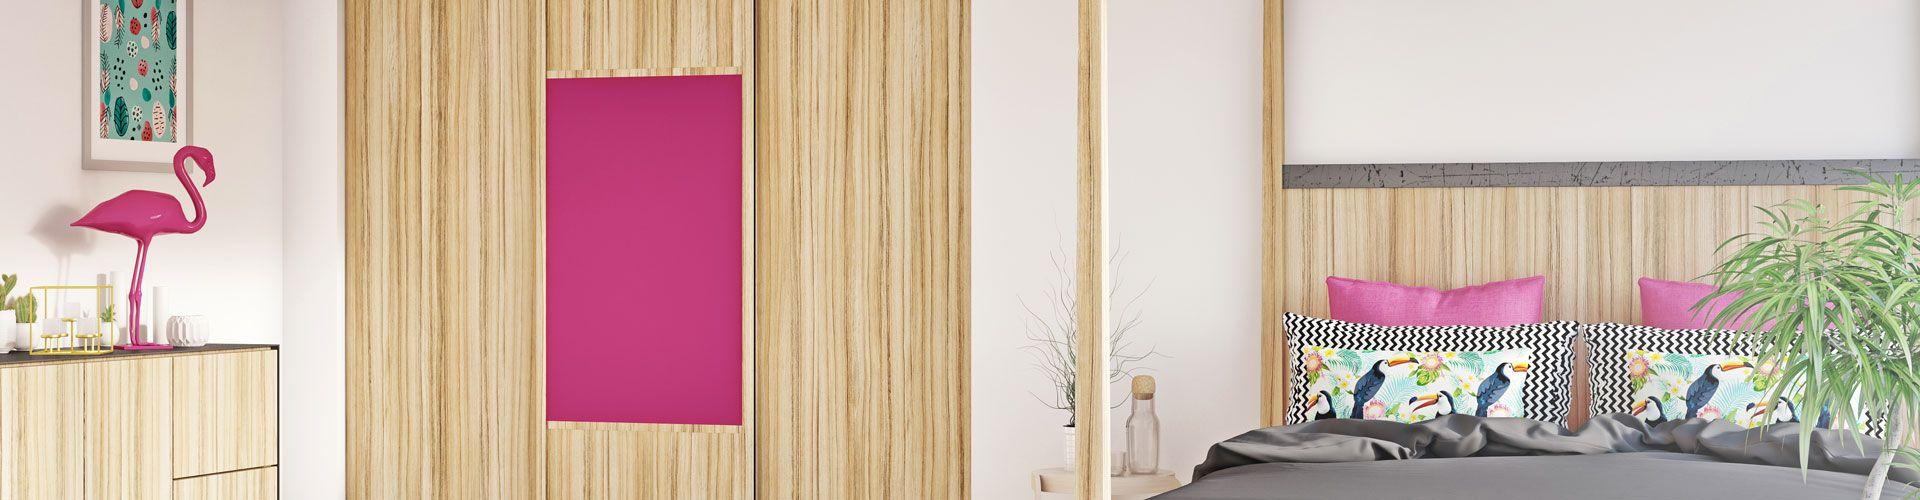 portes de placard coulissantes pour d co tropicale collection cuba libre kazed. Black Bedroom Furniture Sets. Home Design Ideas